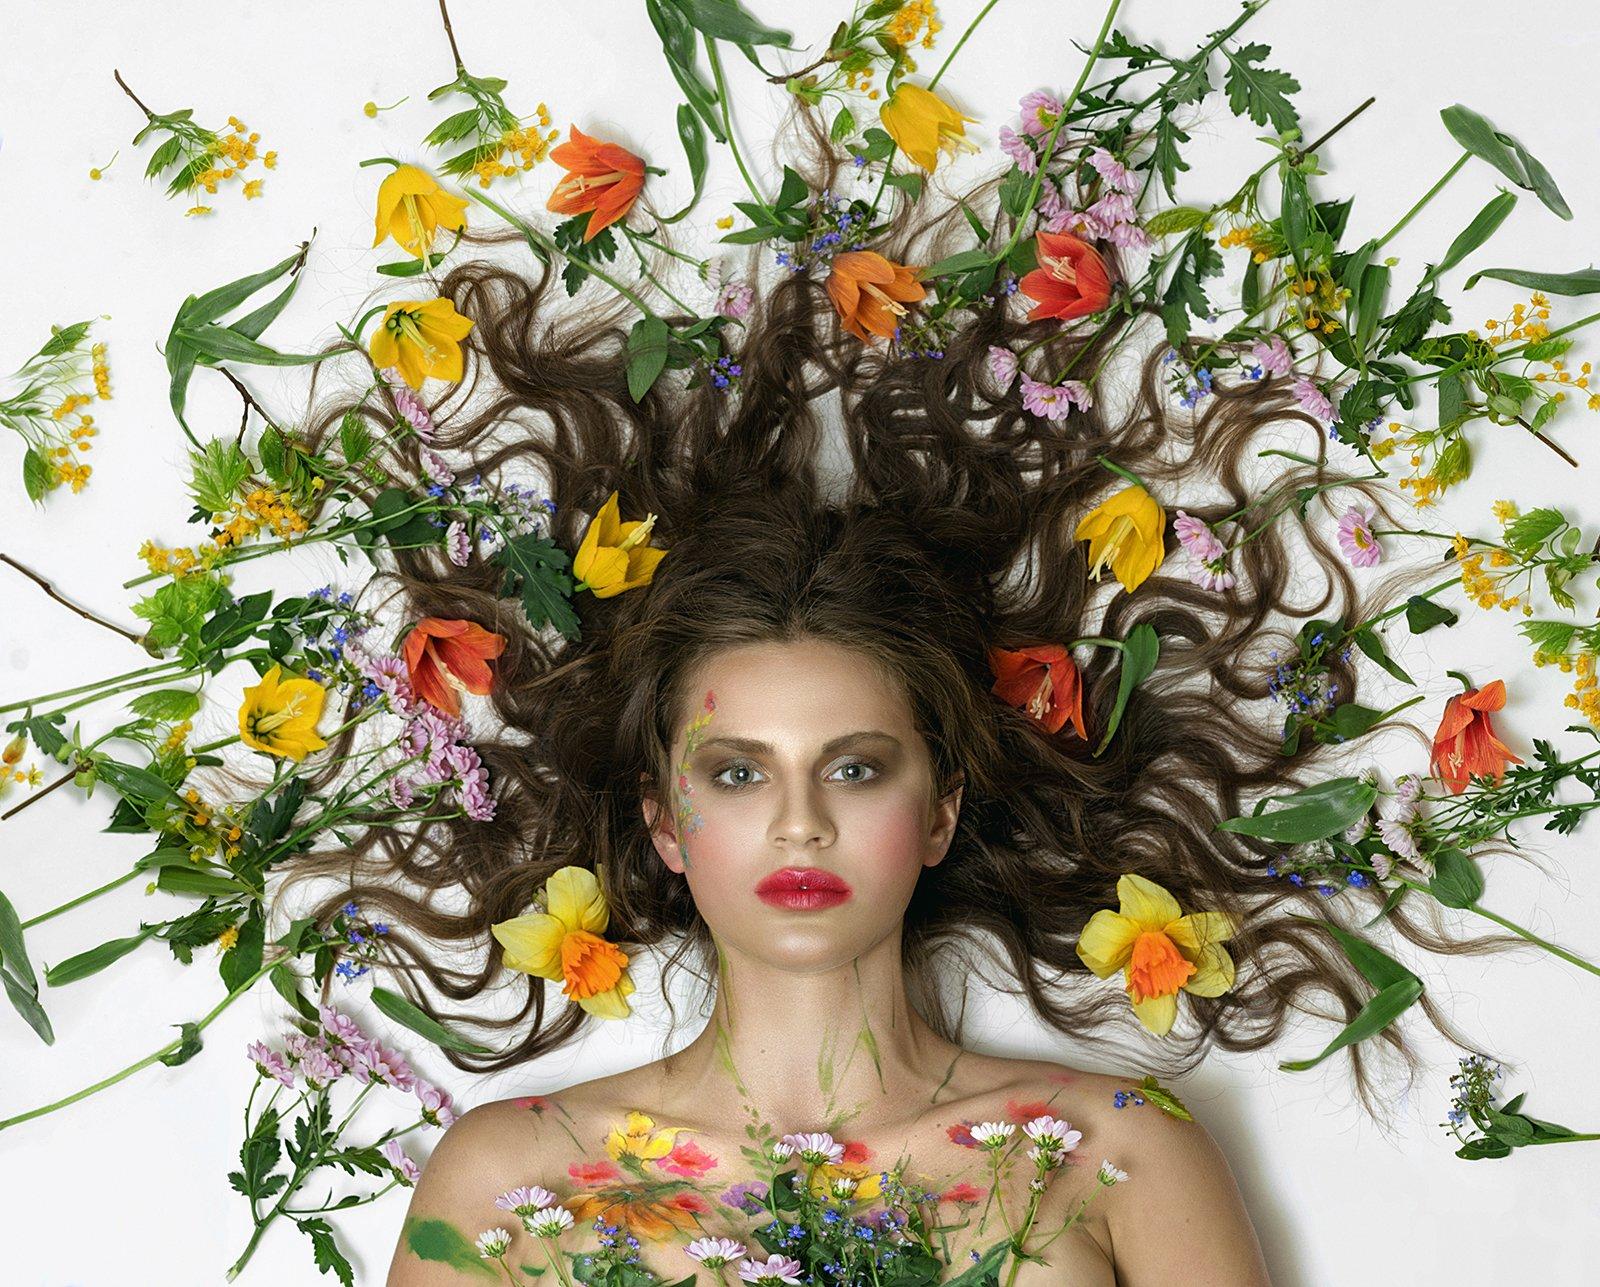 Портрет, девушка, Маргарита Гусева, цветы, портрет с цветами, Горгона, взрыв, Маргарита Гусева